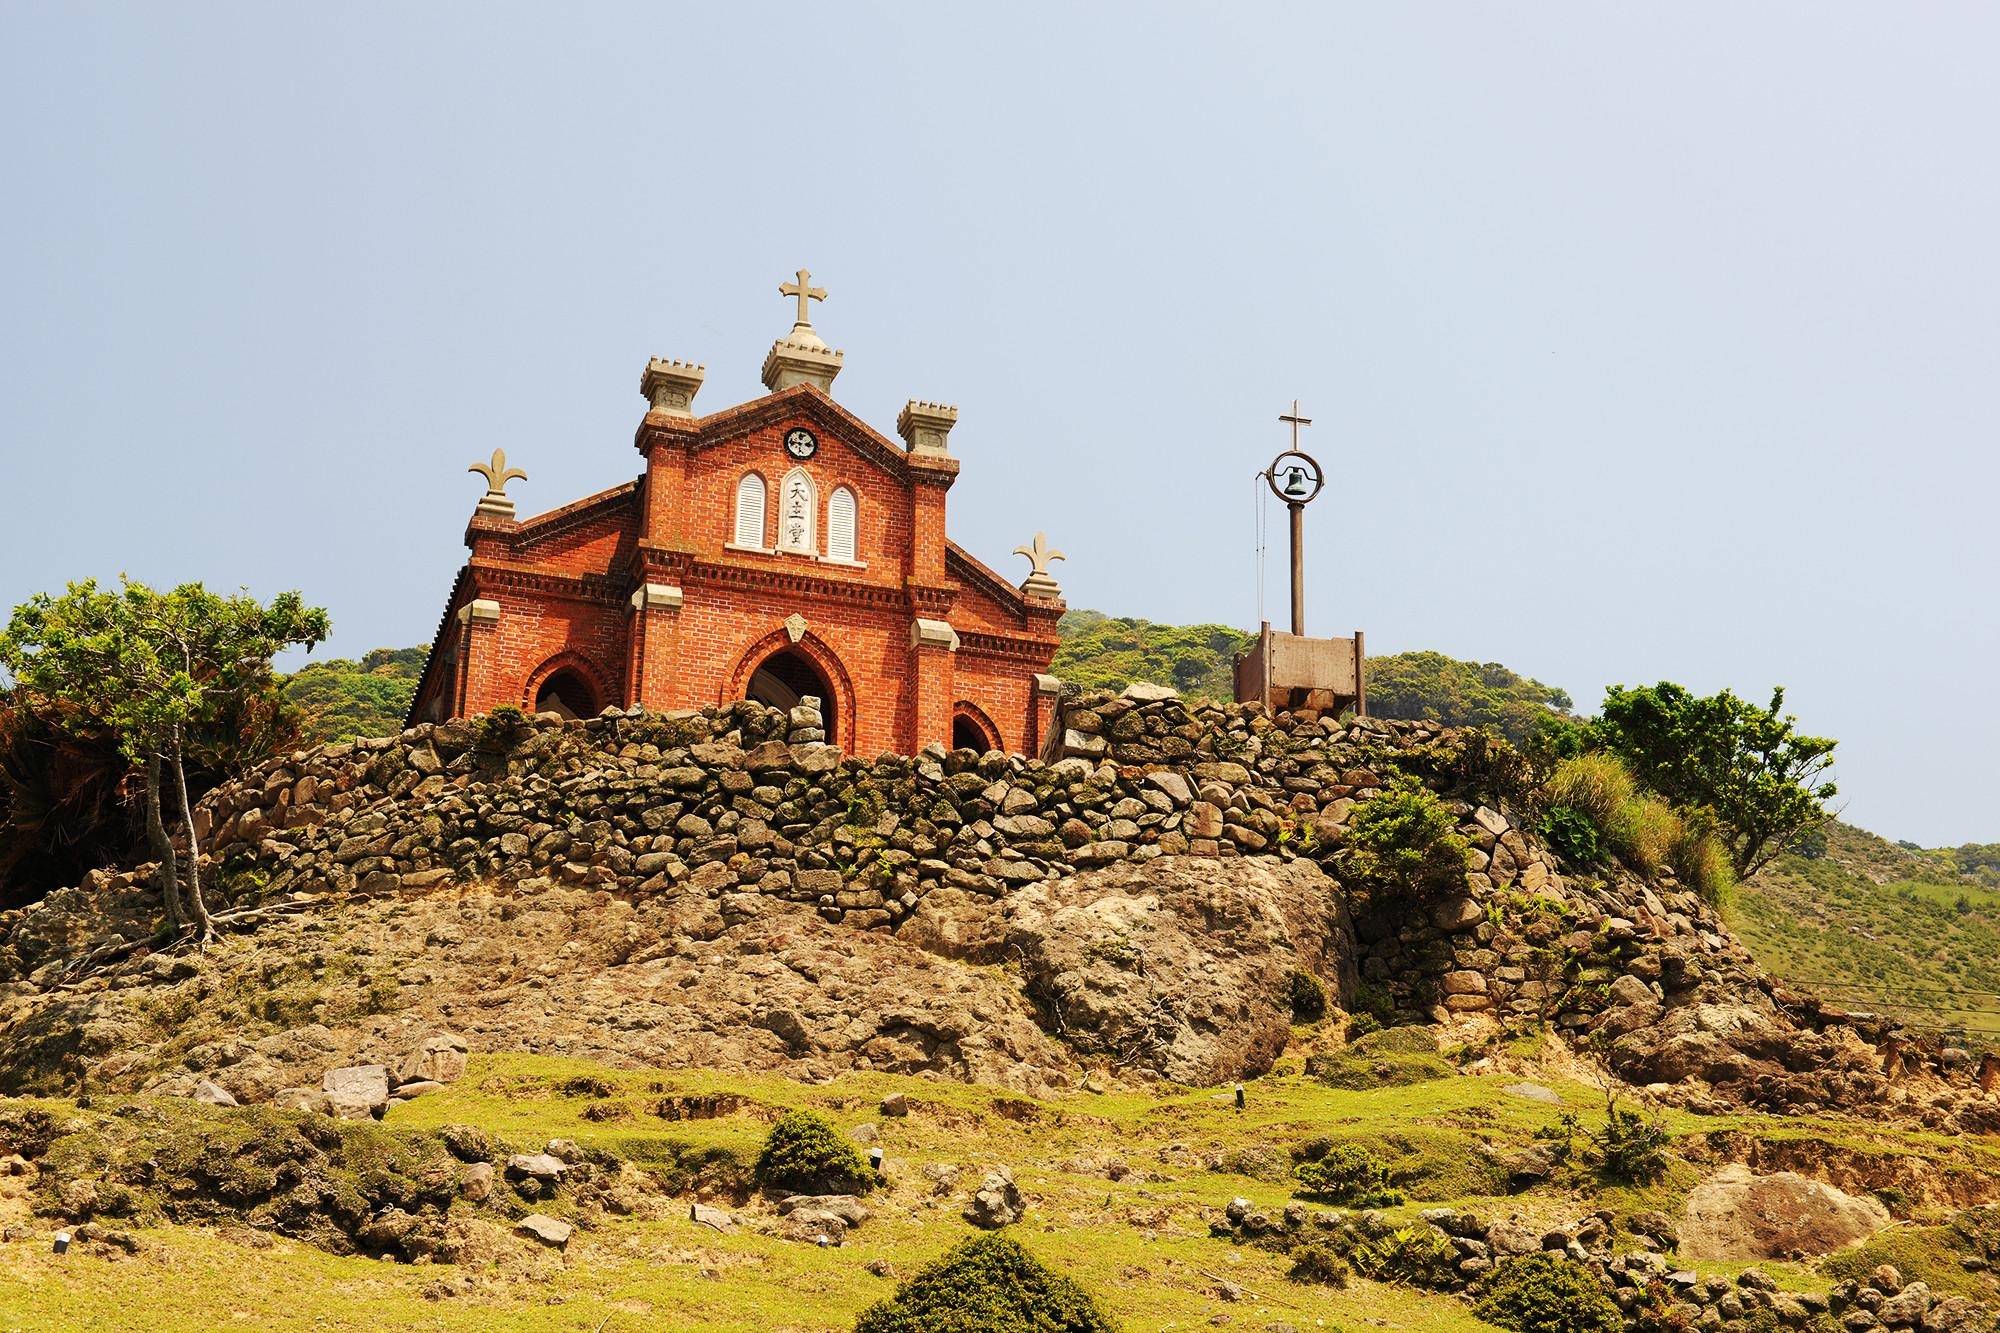 無人と化した島に世界遺産となった教会――隠れキリシタンの ...